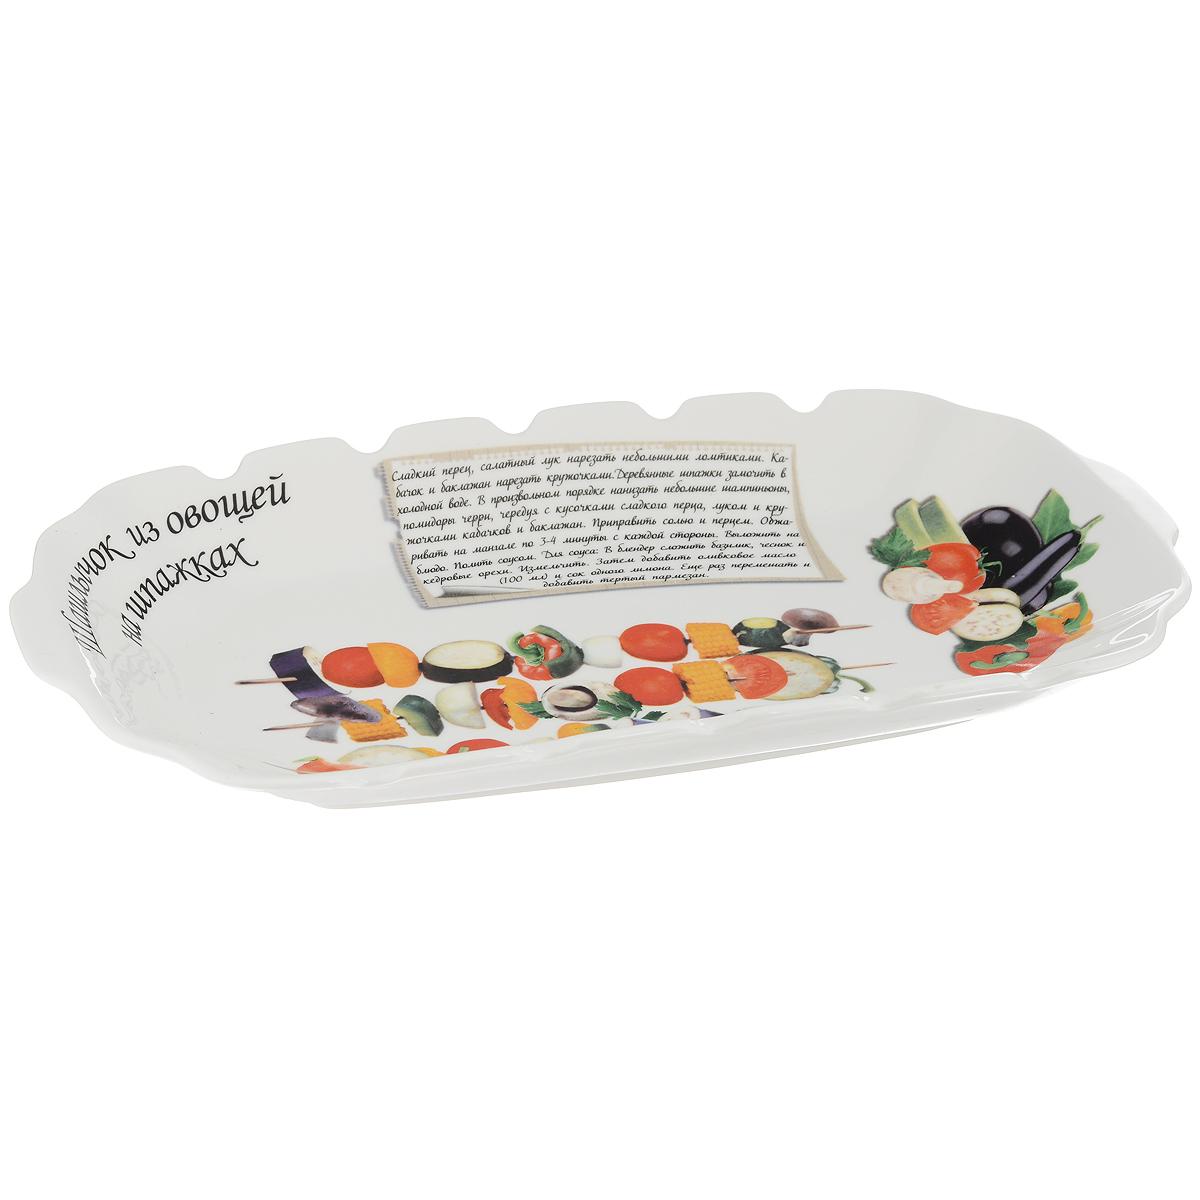 Блюдо для шашлыка LarangE Шашлычок из овощей на шпажках, 33 см х 18,5 смVT-1520(SR)Блюдо для шашлыка Шашлычок из овощей на шпажках, выполненное из высококачественного фарфора, предназначено для красивой сервировки шашлыка. Блюдо оснащено удобными ручками и специальными отверстиями для шпажек. Блюдо декорировано надписью Шашлычок из овощей на шпажках и его изображением. Кроме того, для упрощения процесса приготовления прямо на блюде написан рецепт и нарисованы необходимые продукты. В комплект к блюду прилагается небольшой буклет с рецептами горячих блюд.Блюдо Шашлычок из овощей на шпажках украсит ваш праздничный стол, а оригинальное исполнение понравится любой хозяйке.